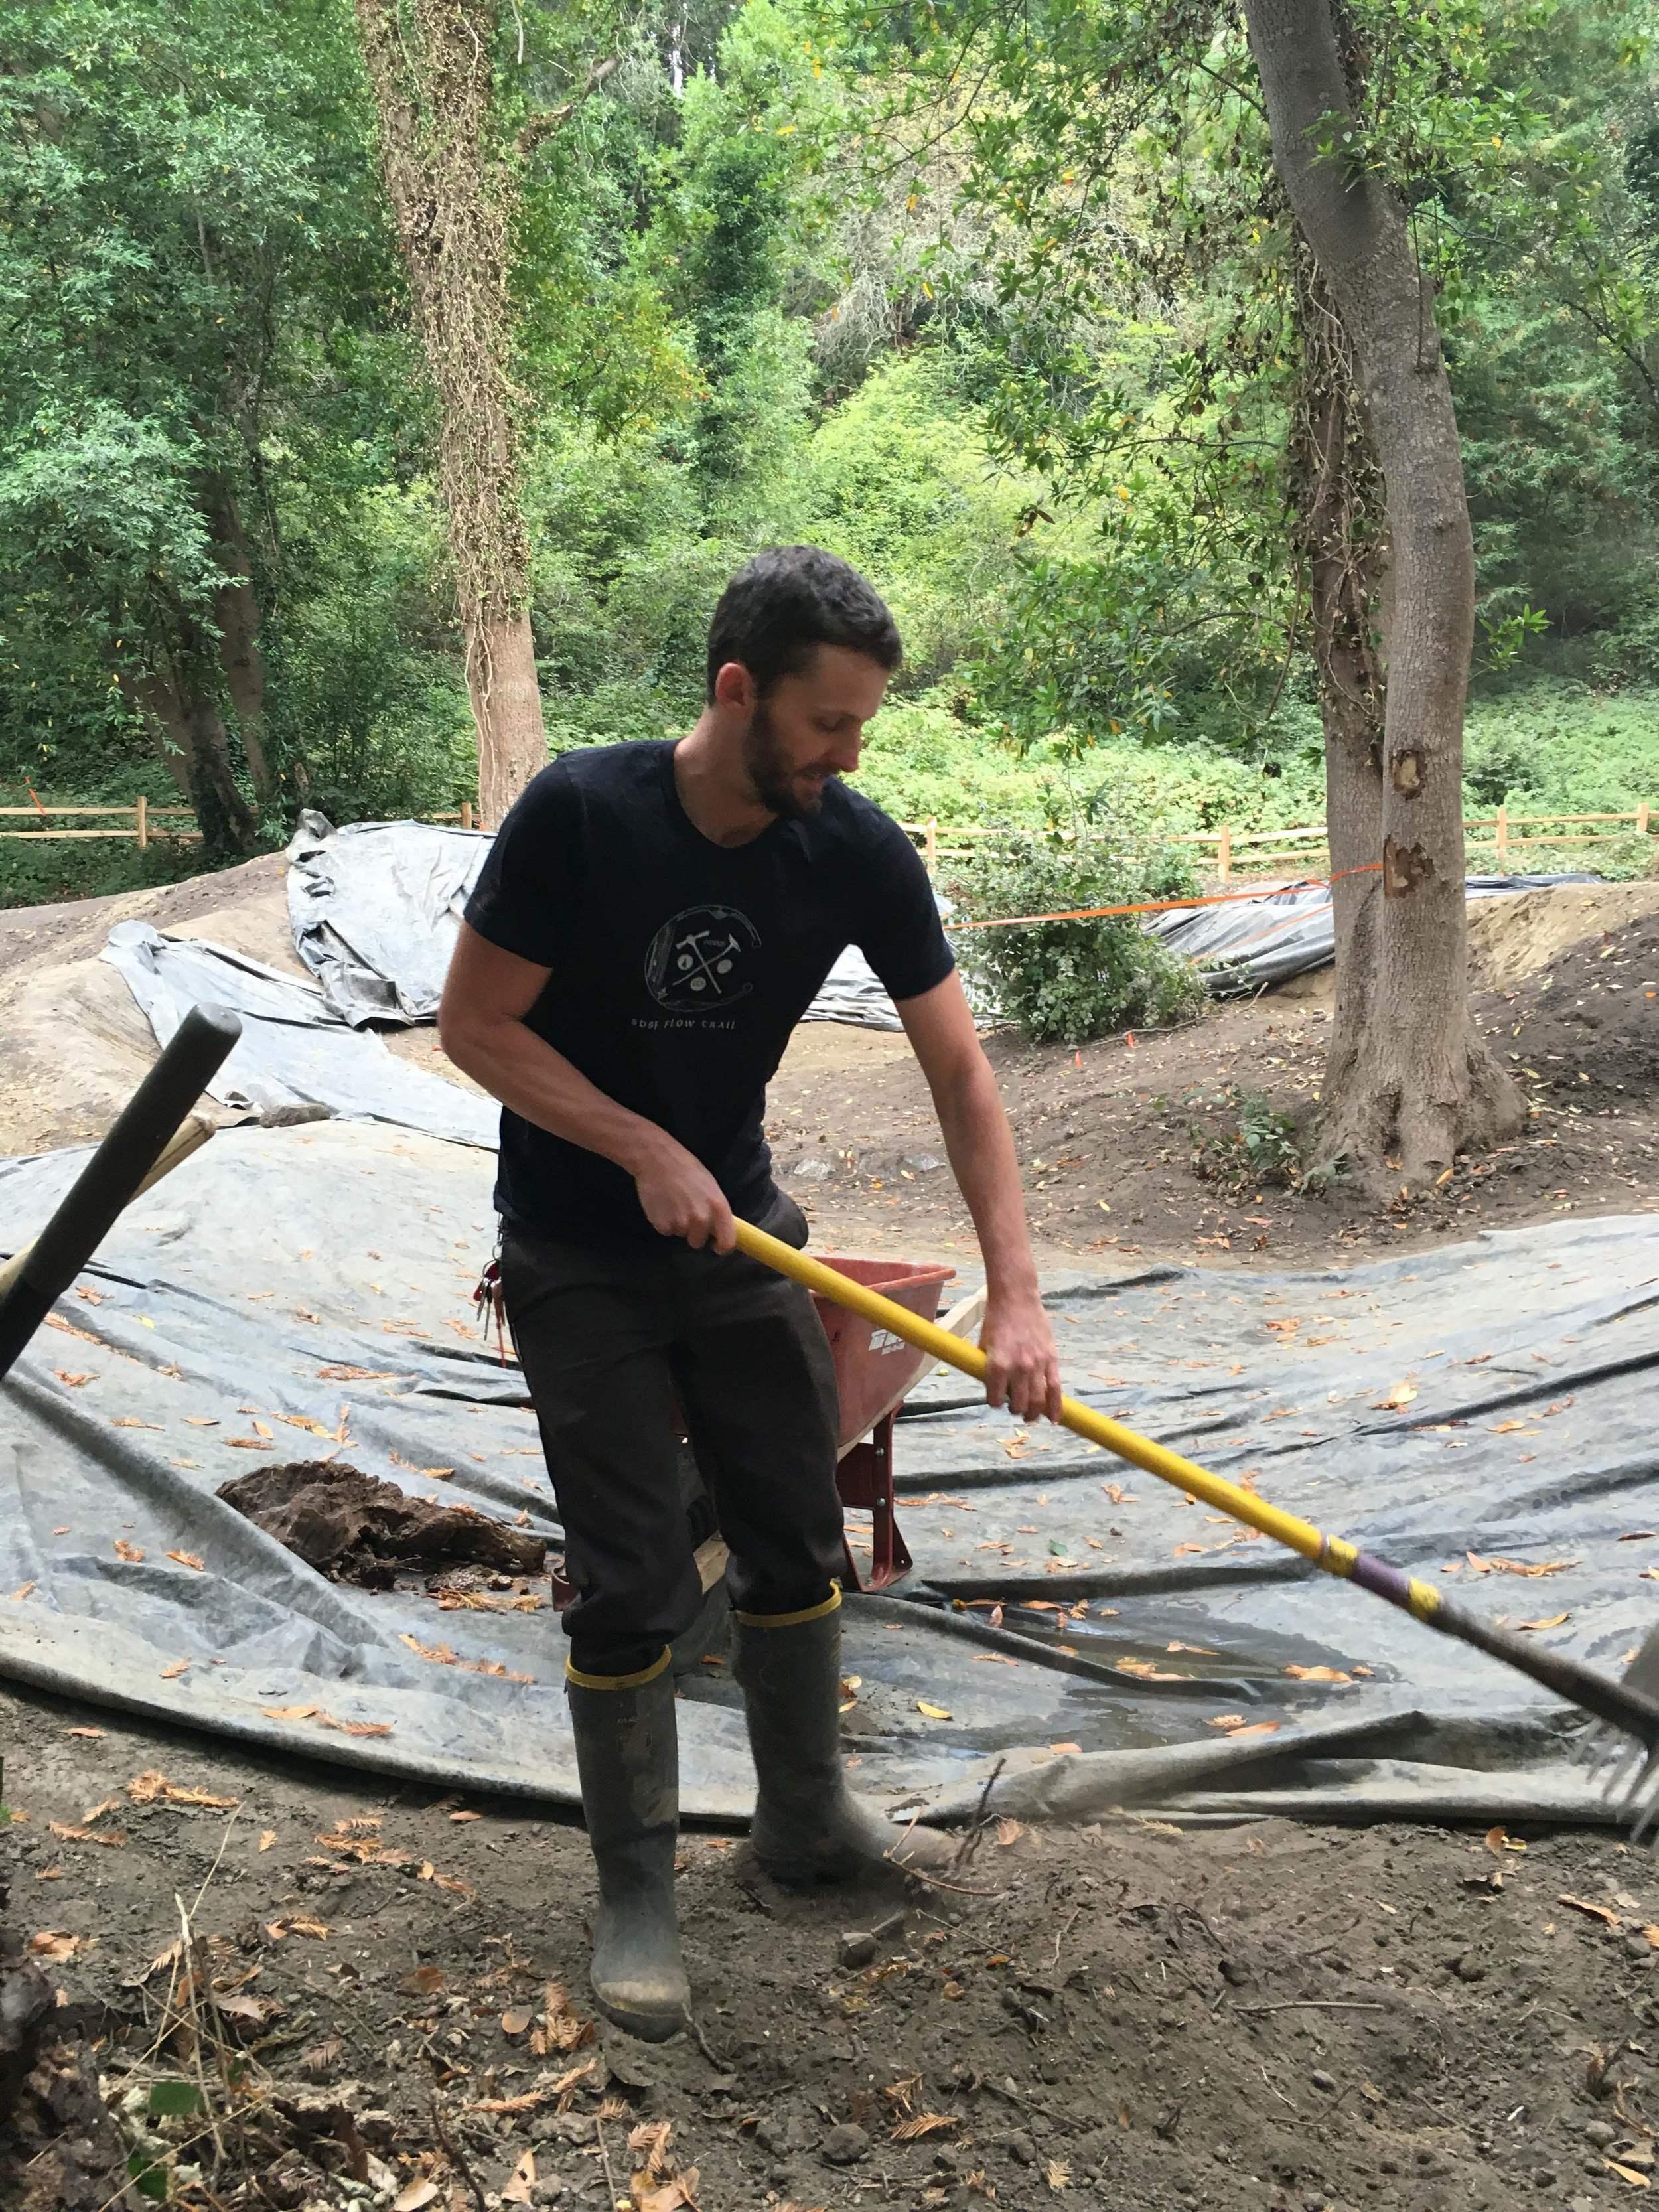 Trail manager Matt De Young throwin' some dirt